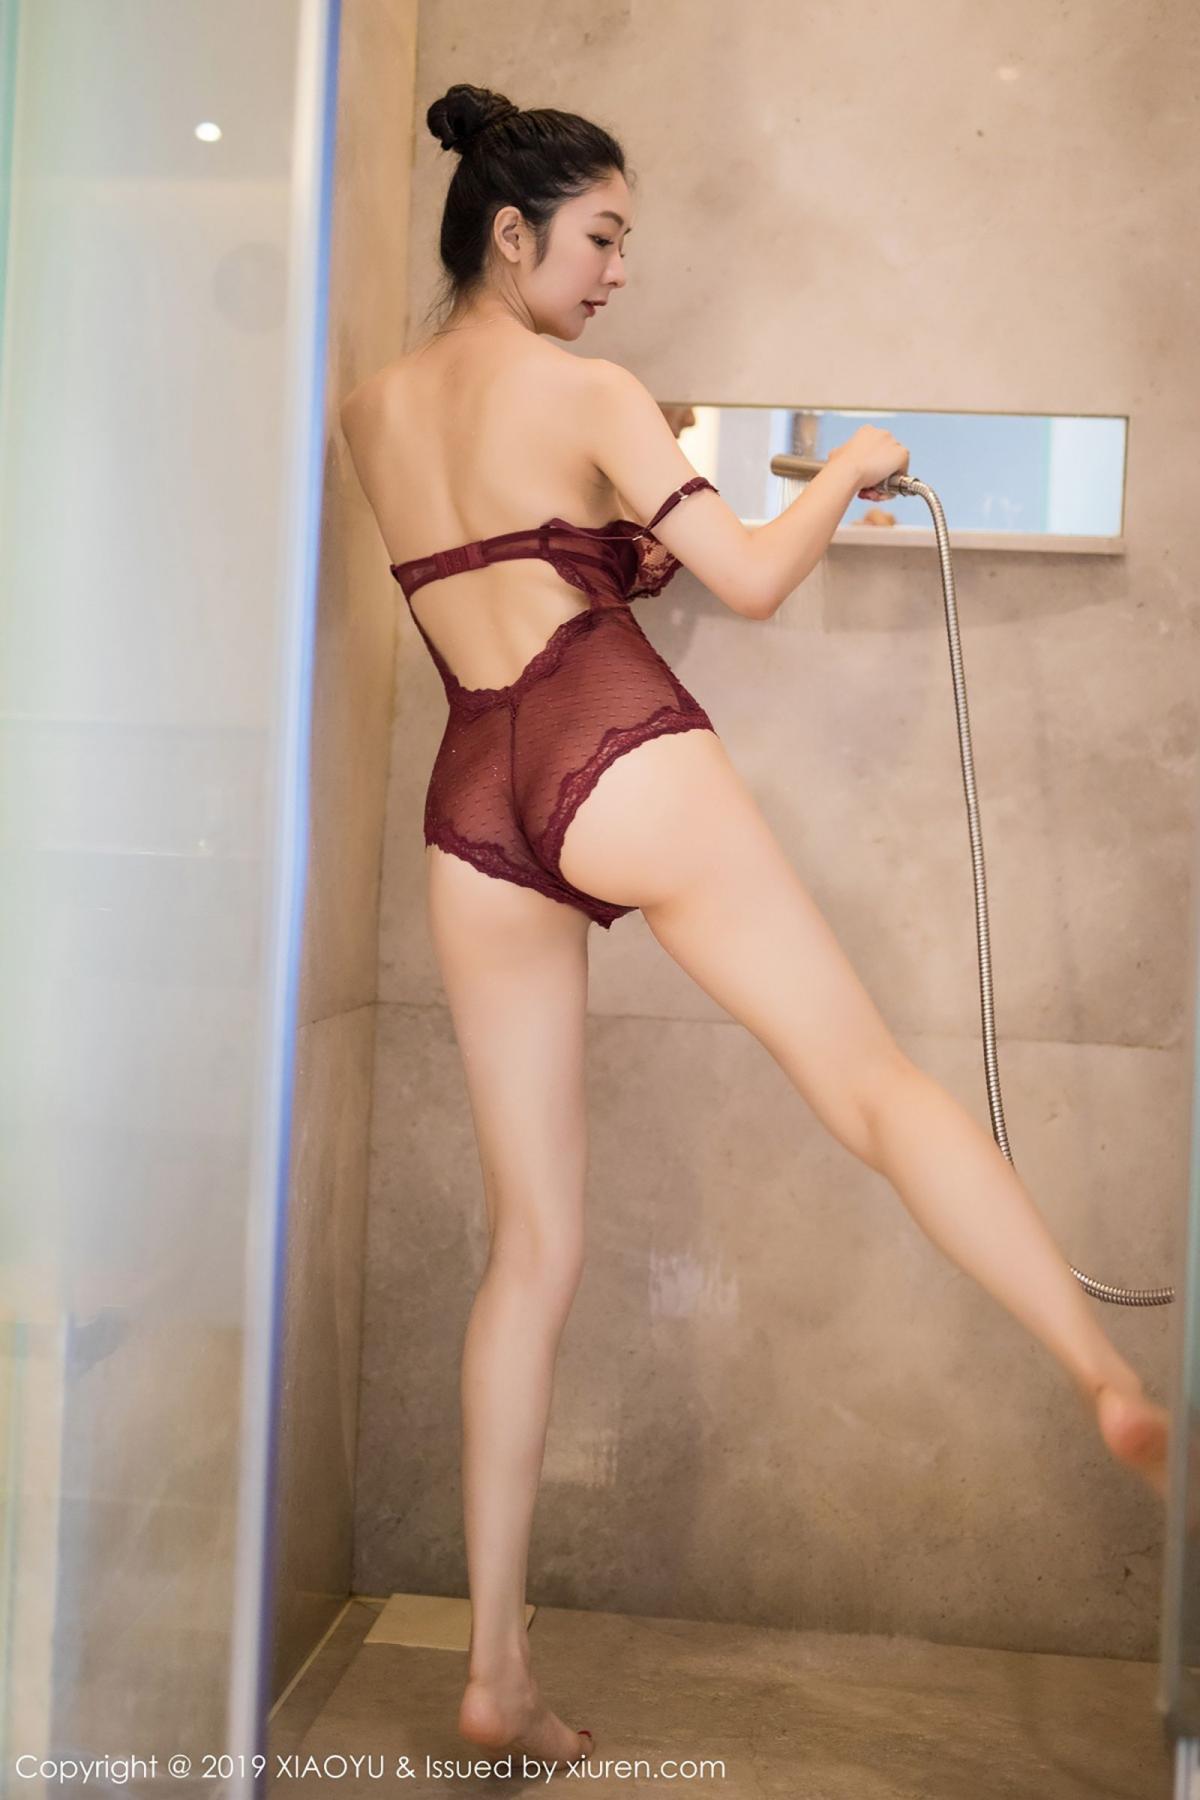 [XiaoYu] Vol.017 Di Yi 58P, Bathroom, Di Yi, Underwear, Wet, XiaoYu